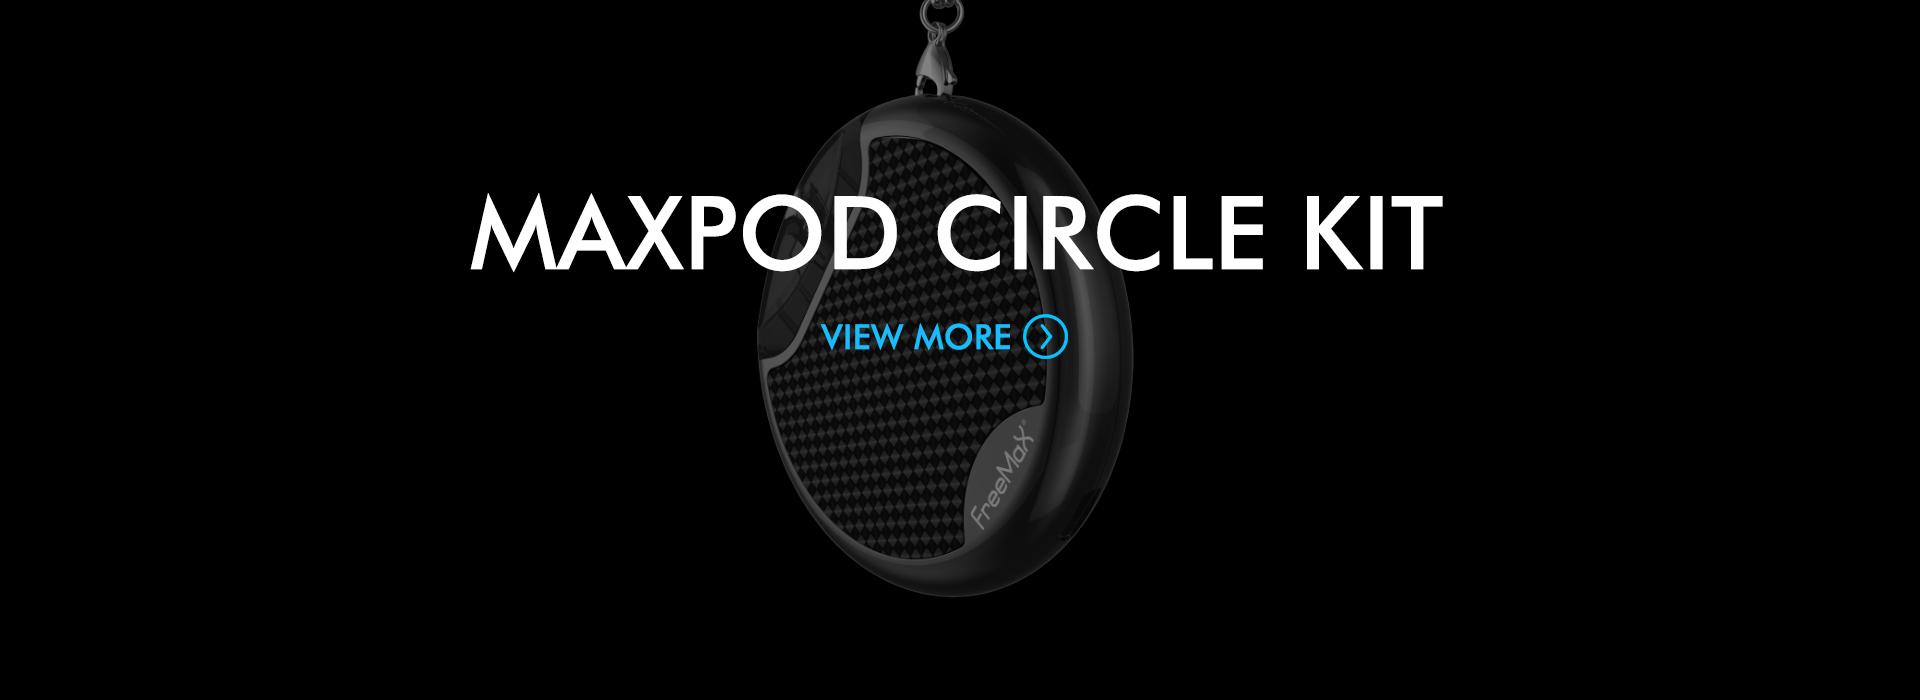 66020-Maxpod Circle Kit-2.jpg